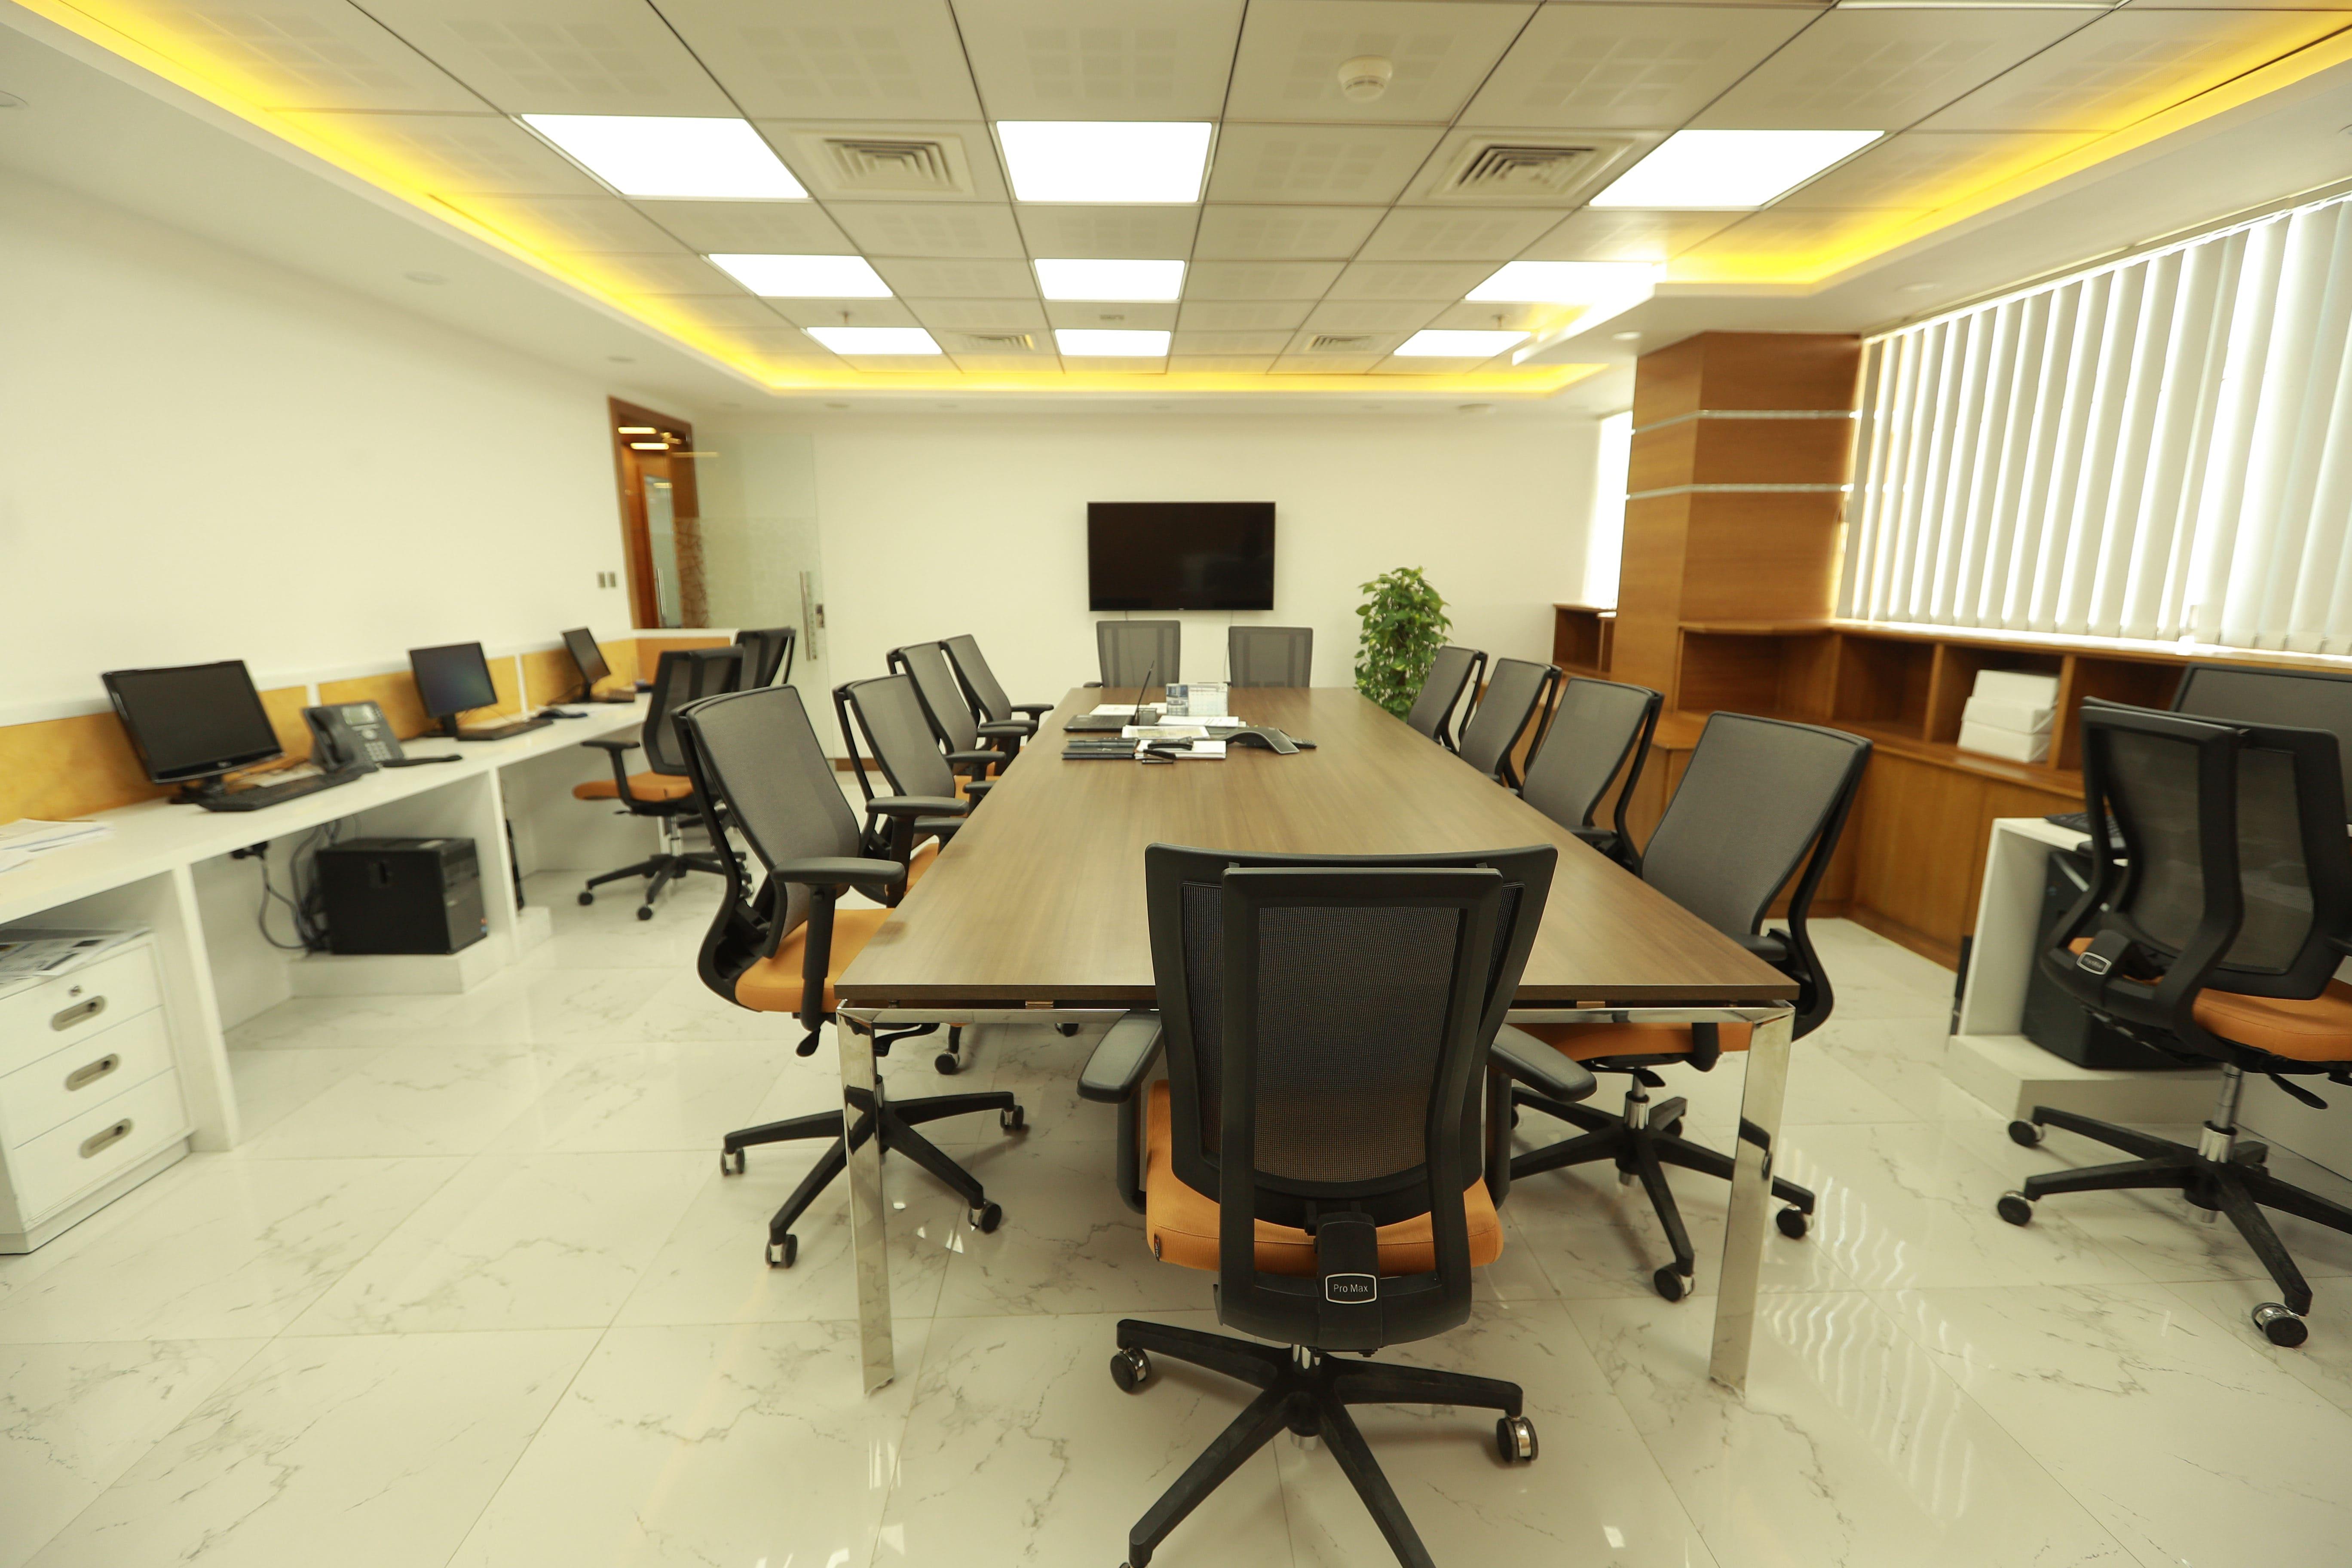 4. Meeting Room 2